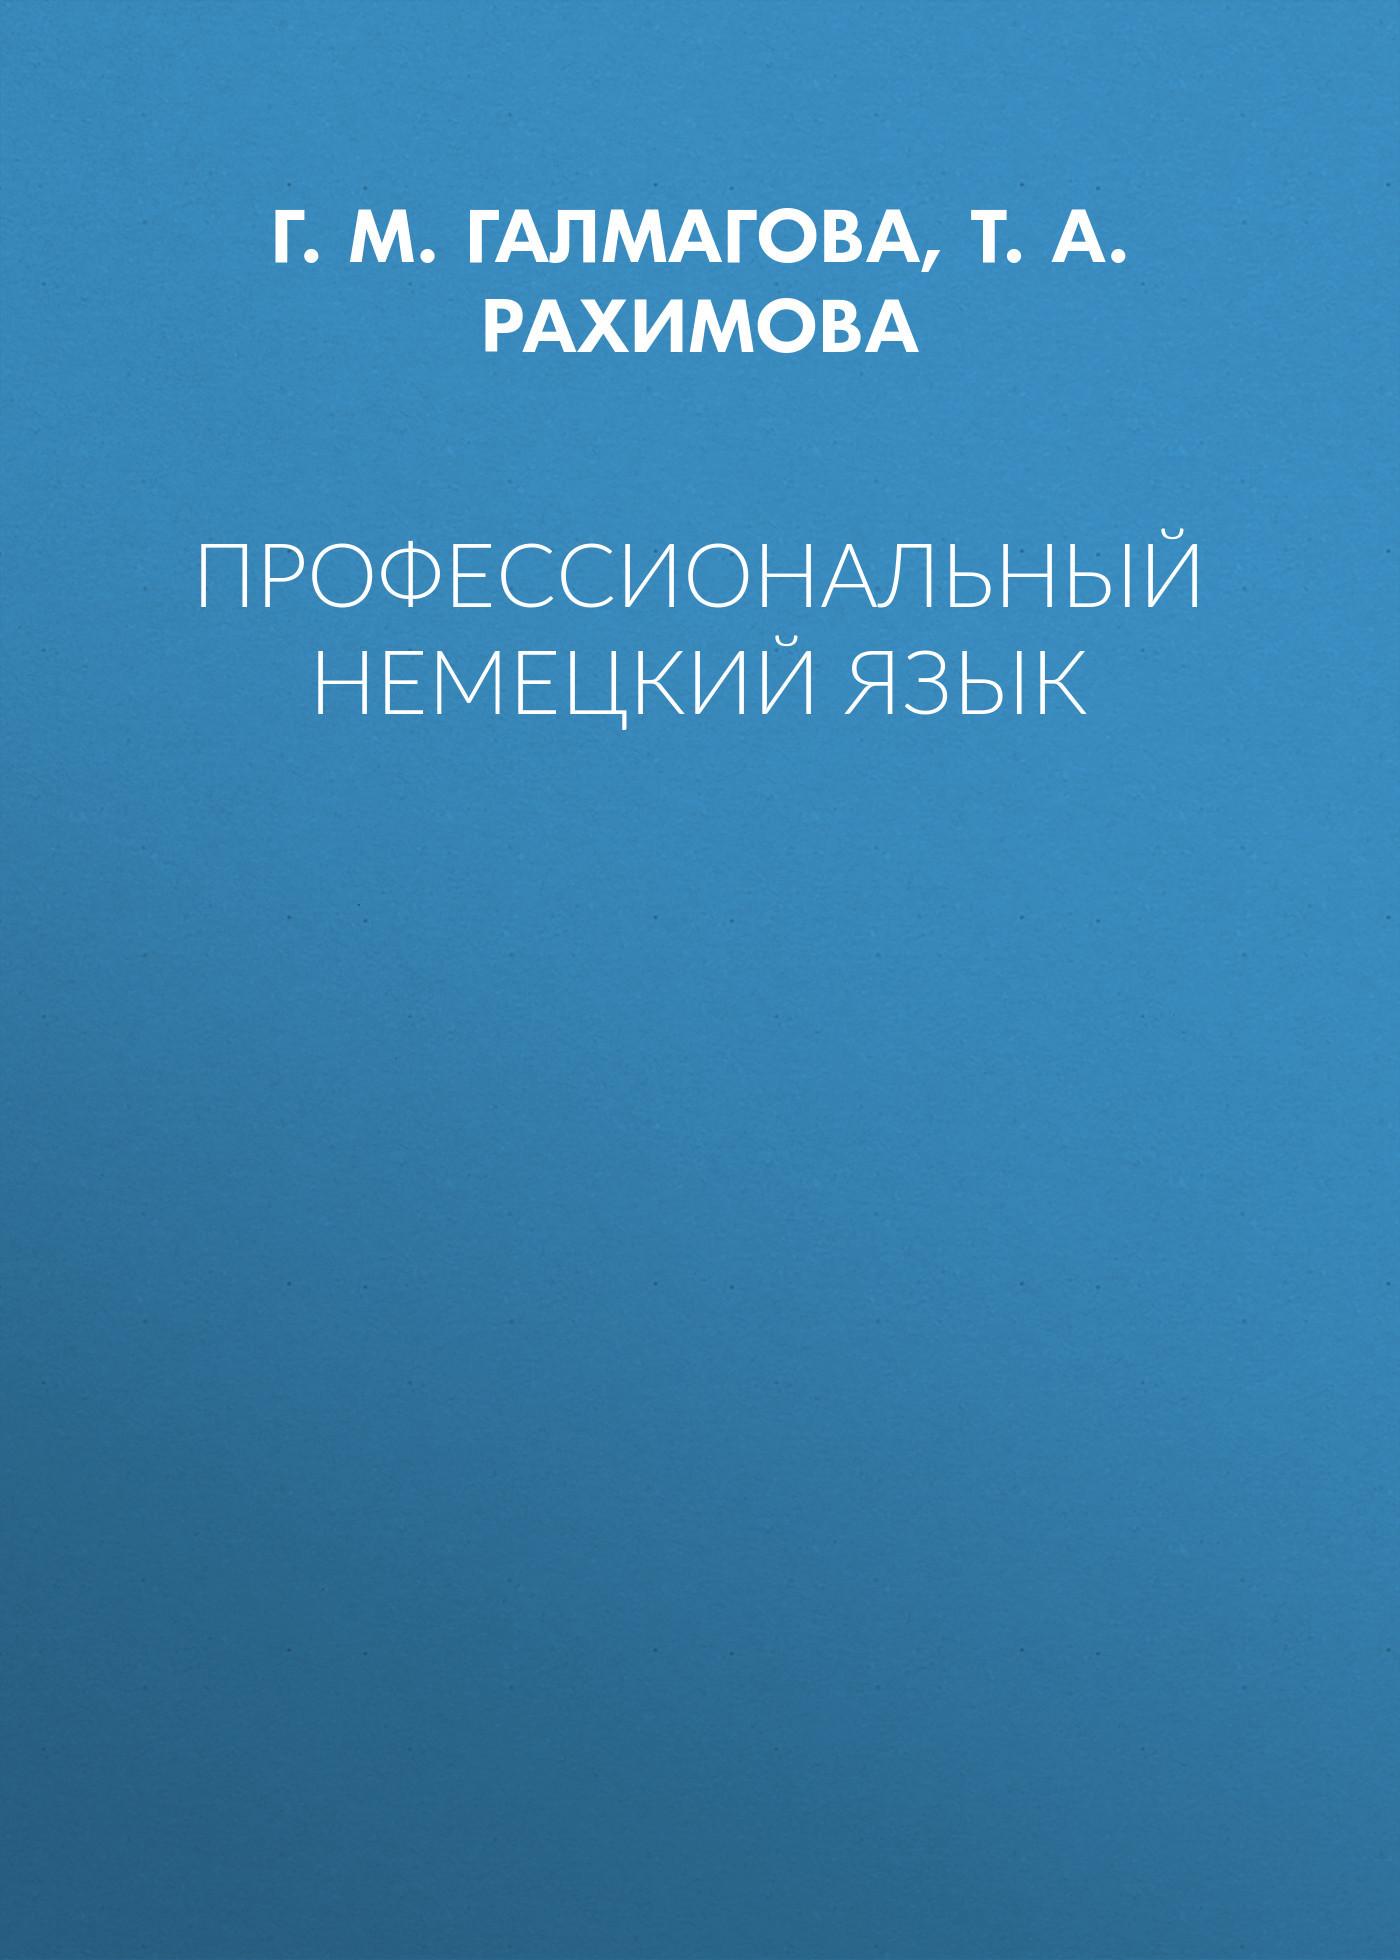 Т. А. Рахимова Профессиональный немецкий язык кравченко а немецкий язык для бакалавров